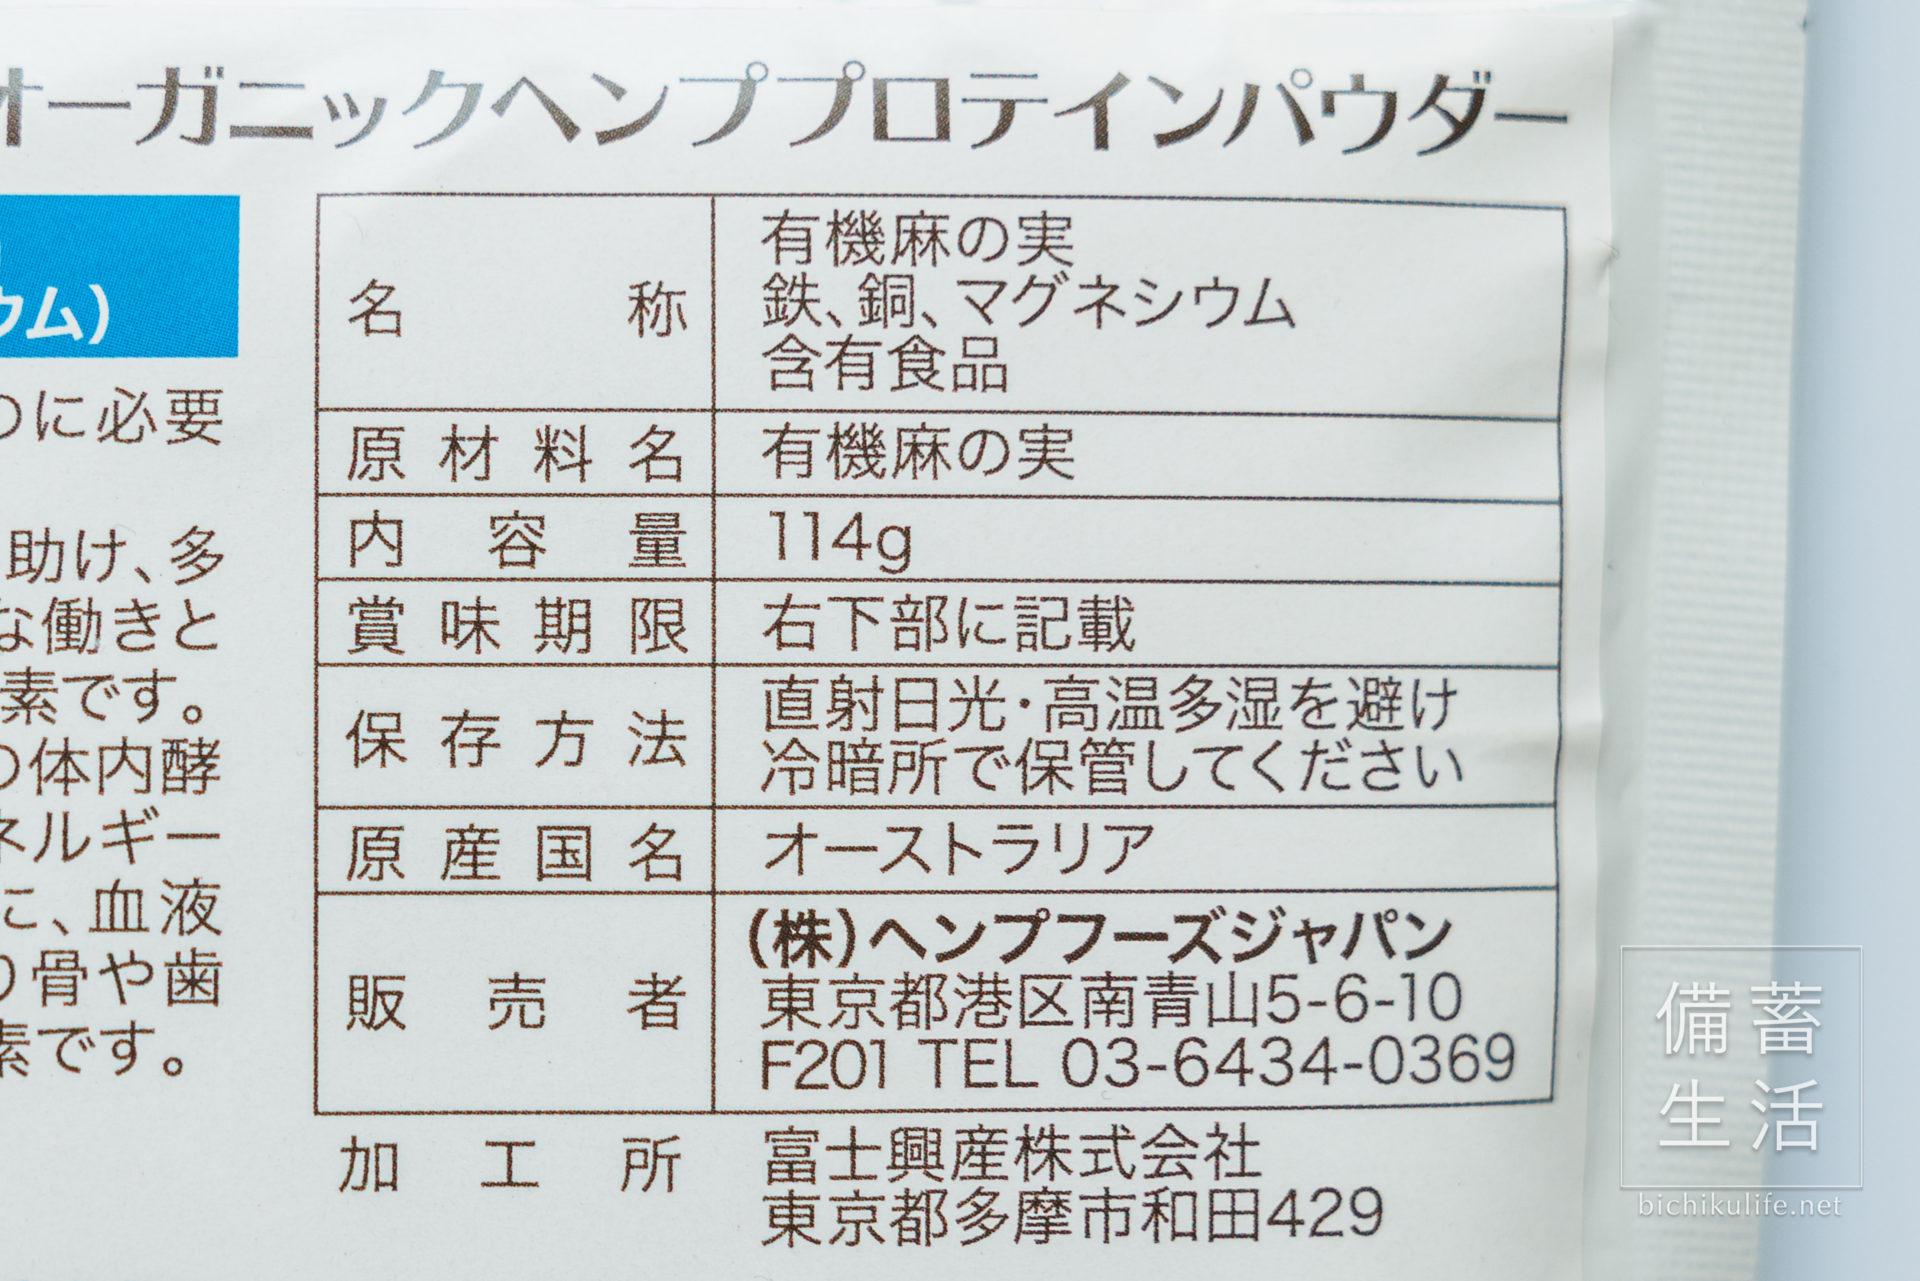 ヘンプフーズジャパンのオーガニックヘンププロテインパウダー(有機麻の実)の商品概要